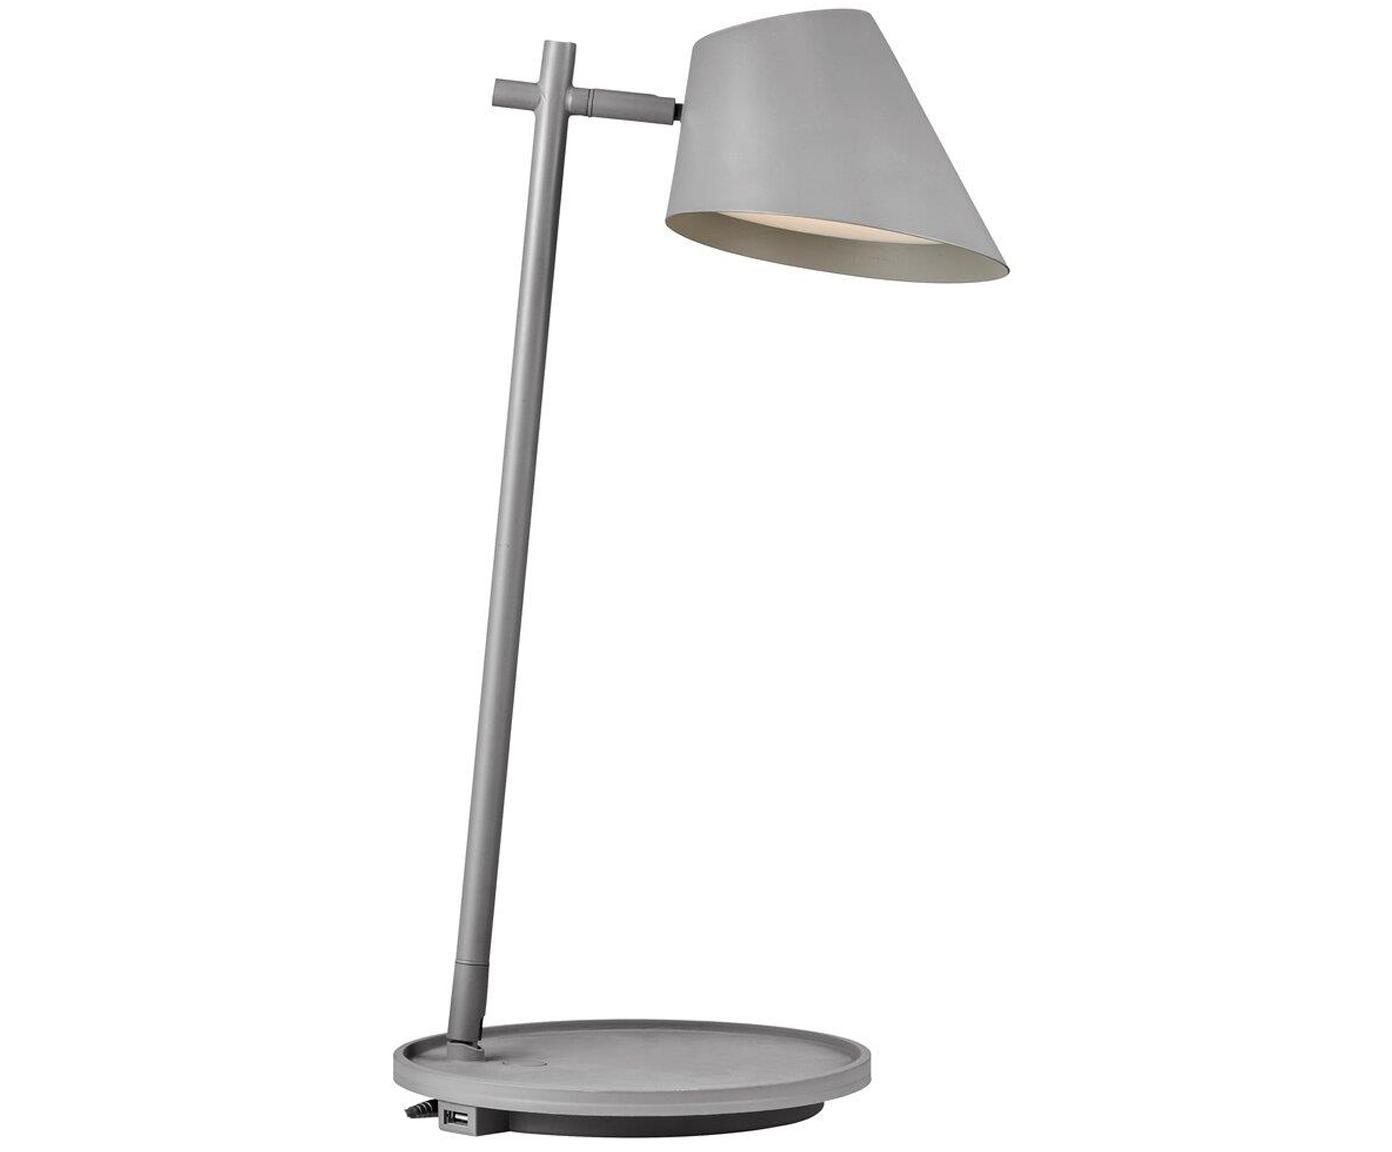 Lampa stołowa Stay, Szary, Ø 15 x W 47 cm